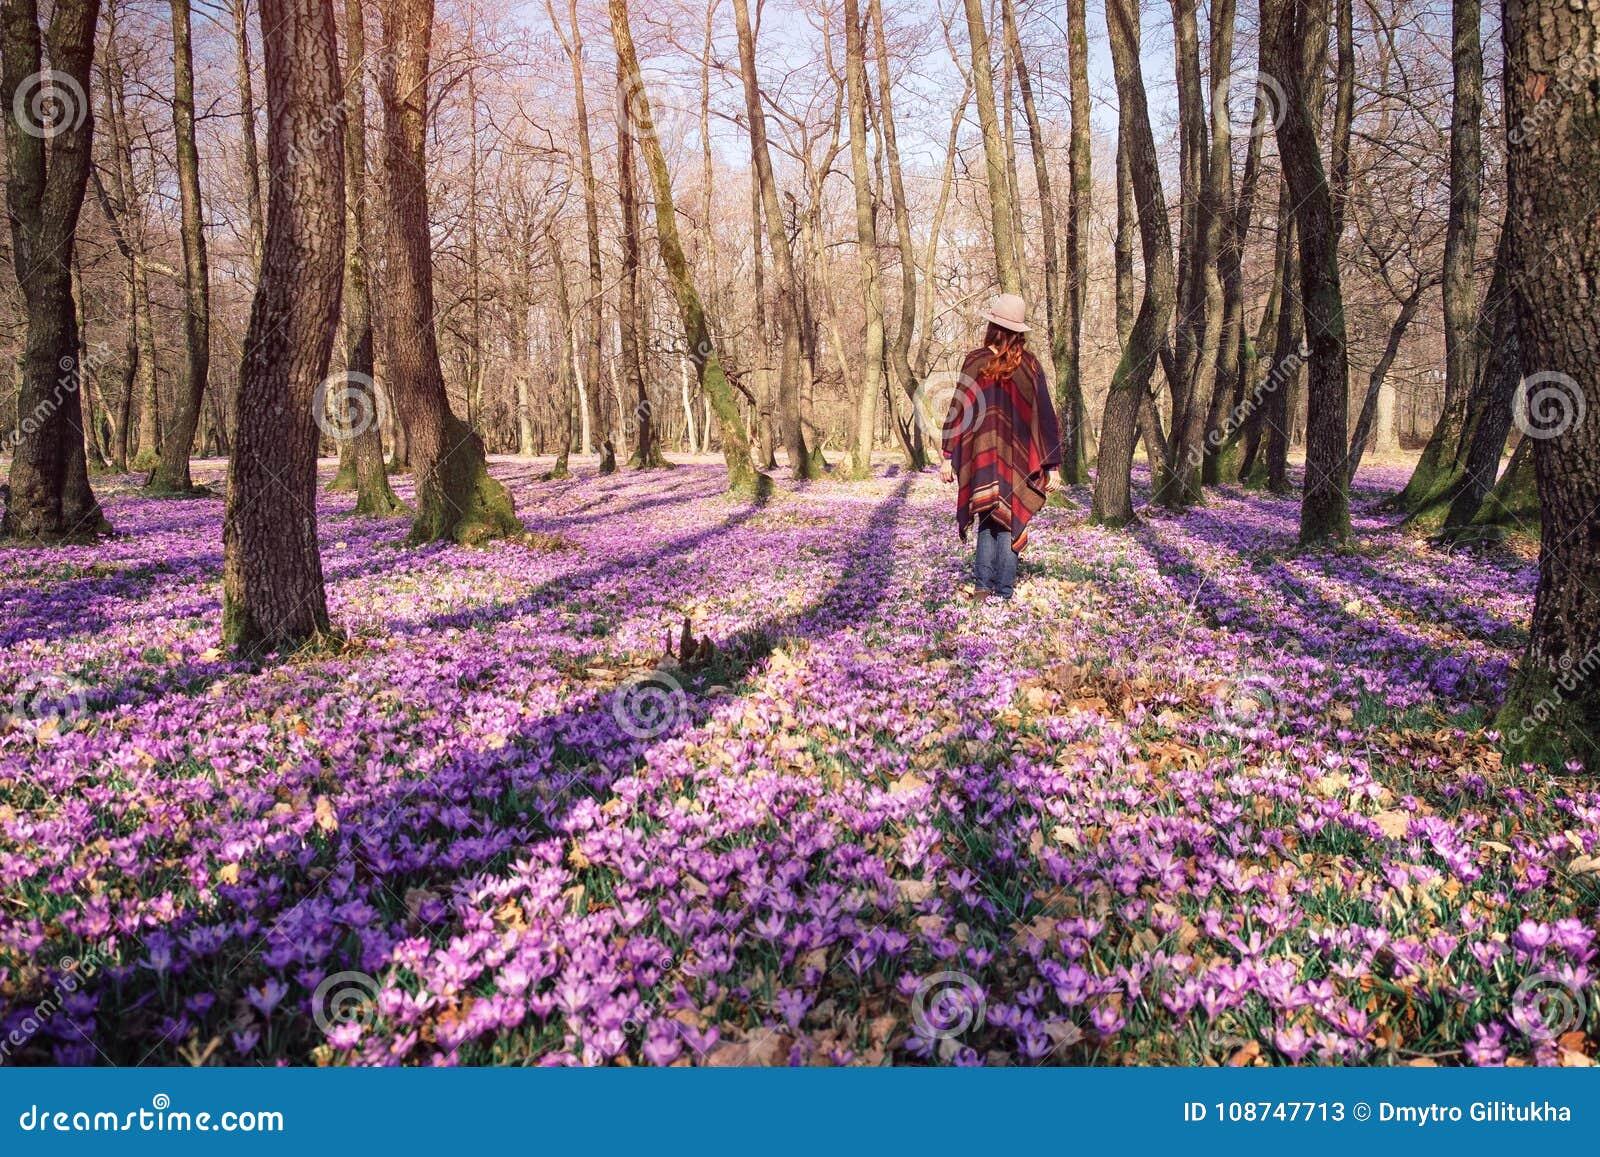 Зацветая природа, крокусы, молодой путешественник